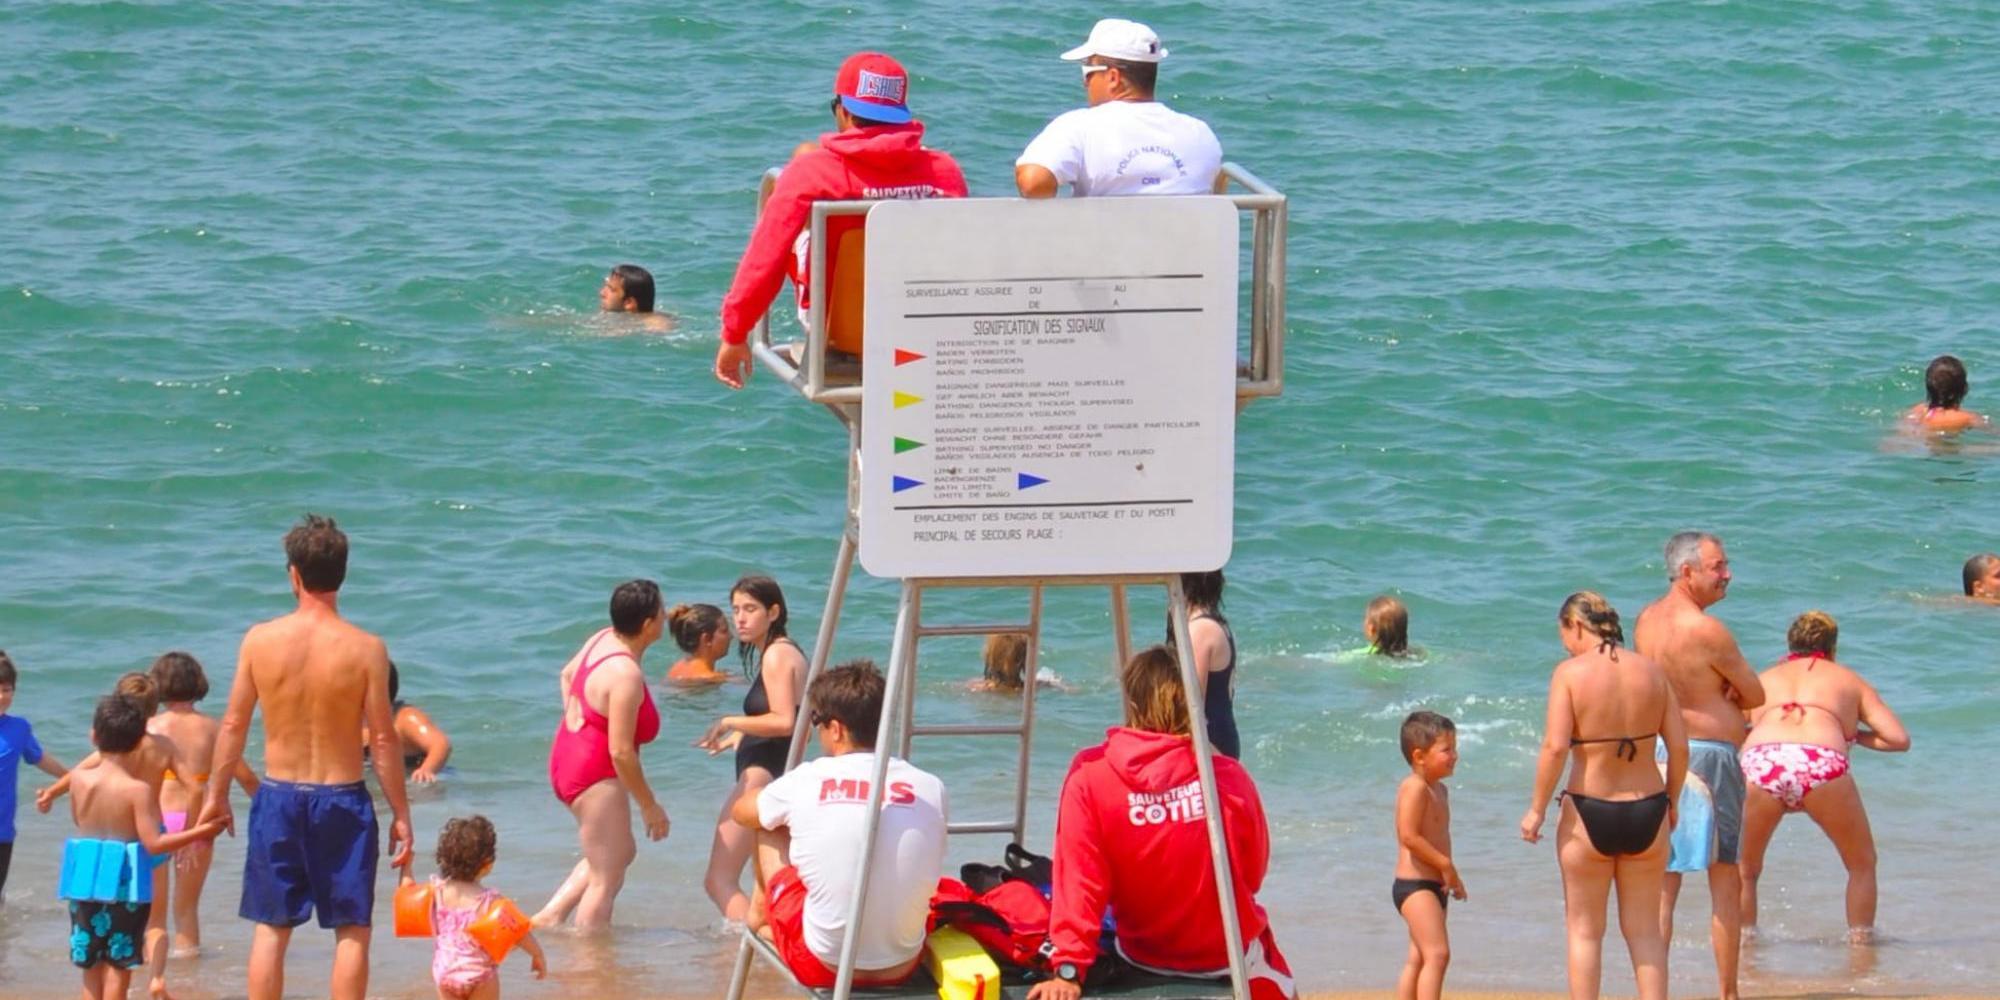 Calendrier Des Marées Biarritz 2021 Horaires des marées Biarritz | Biarritz